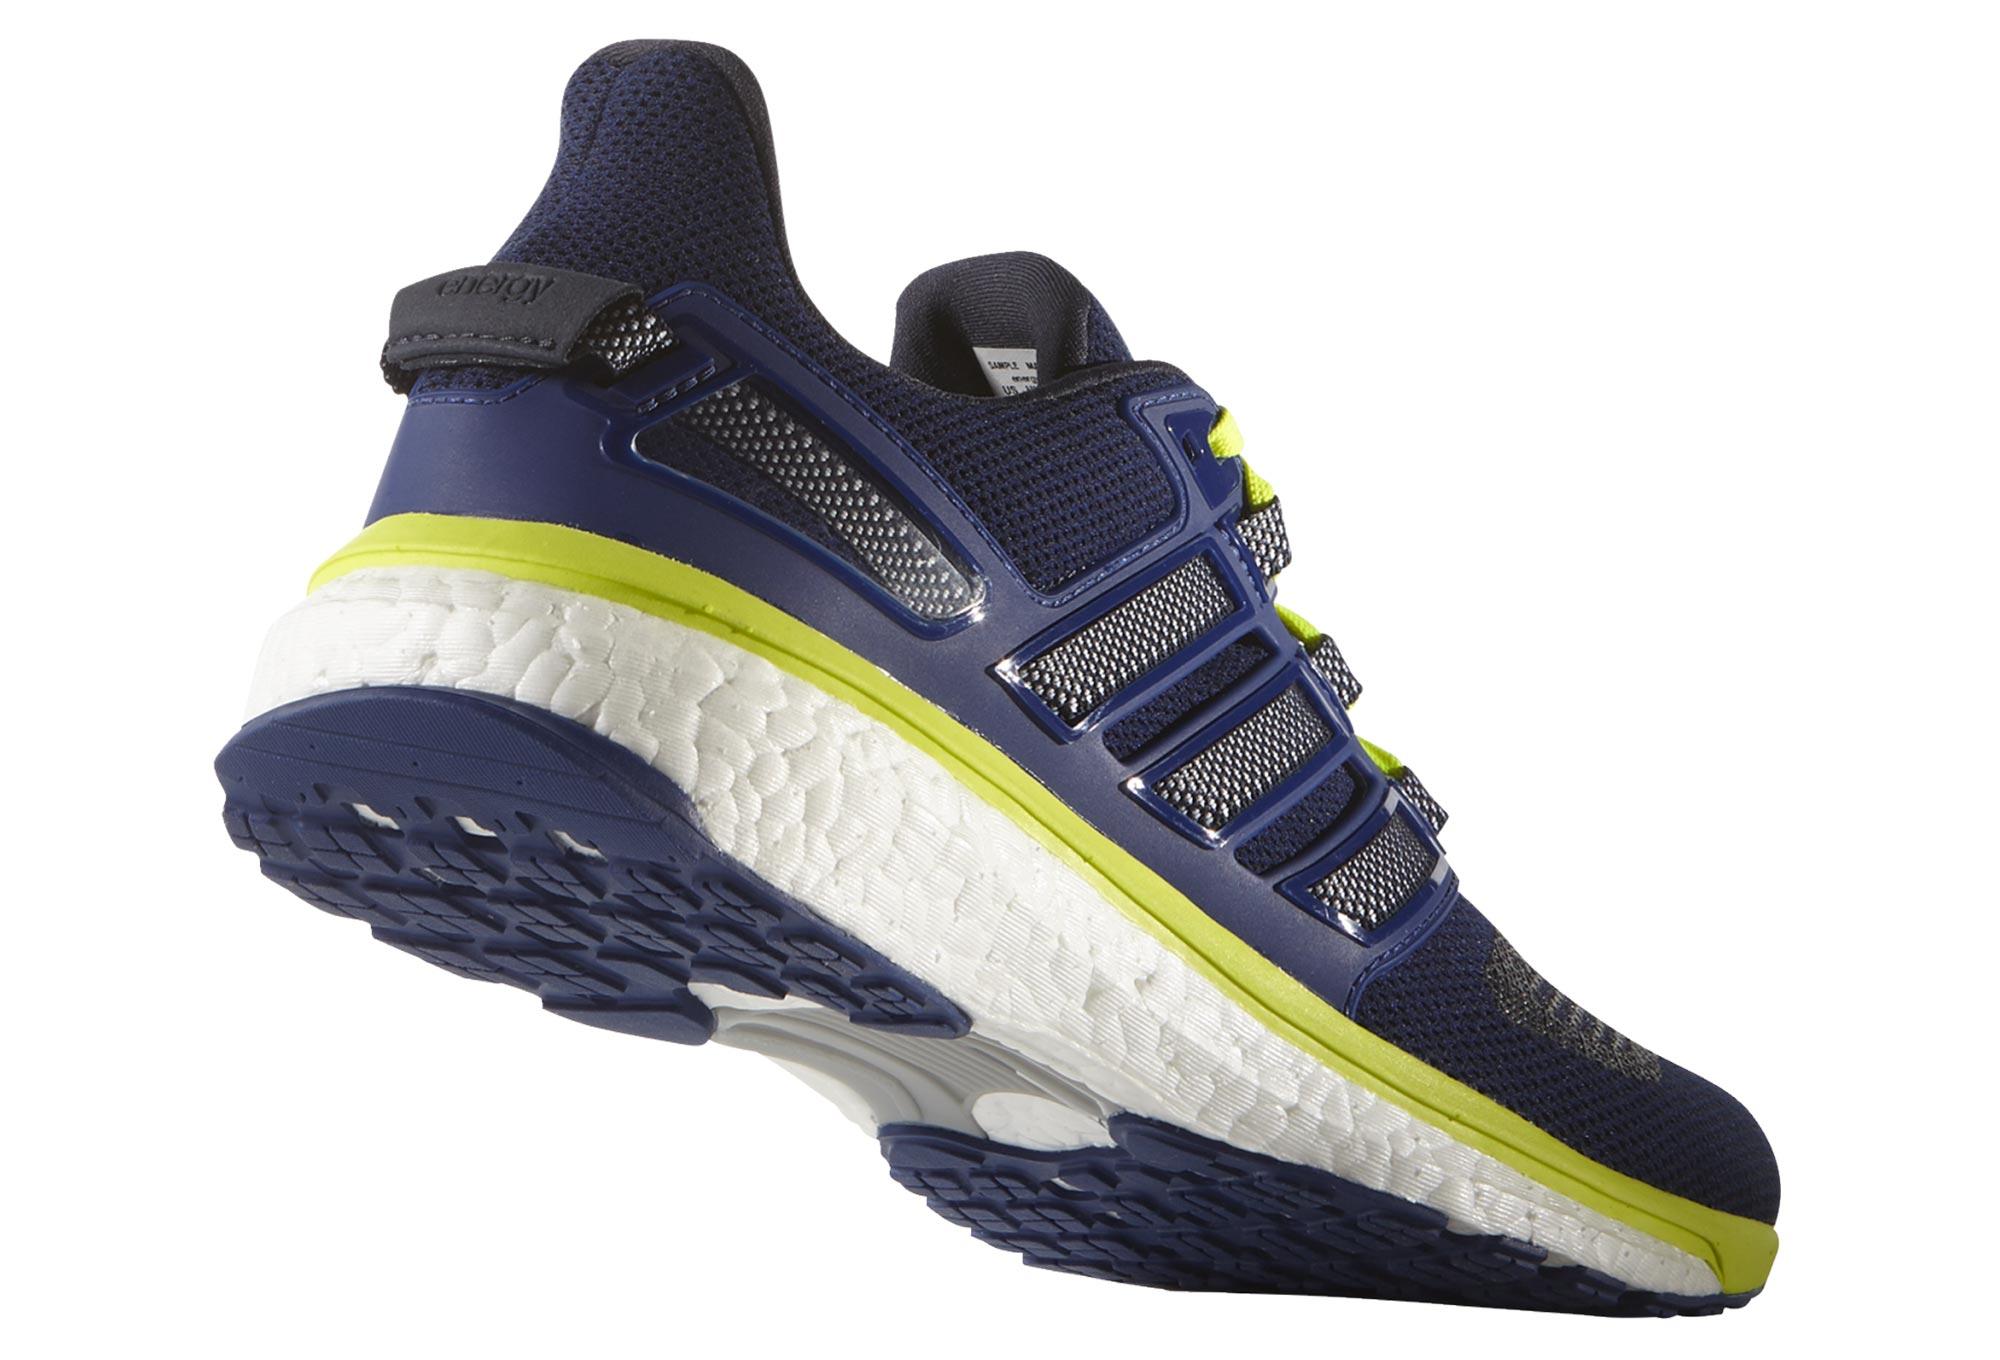 Bleu Energy Boost De 3 Chaussures Jaune Running Adidas xUwHYq6nOS